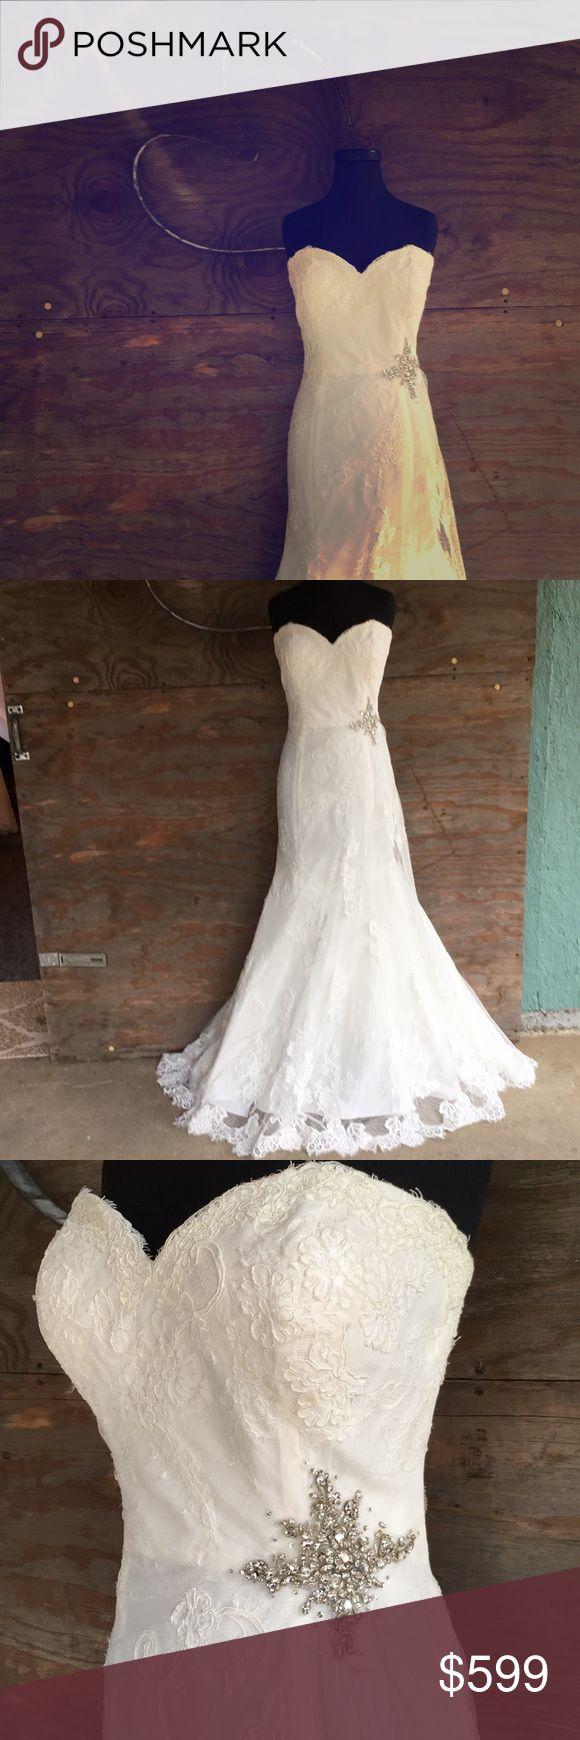 I just added this listing on Poshmark: 🆕 Impression Bridal style 10173. #shopmycloset #poshmark #fashion #shopping #style #forsale #Impression Bridal #Dresses & Skirts